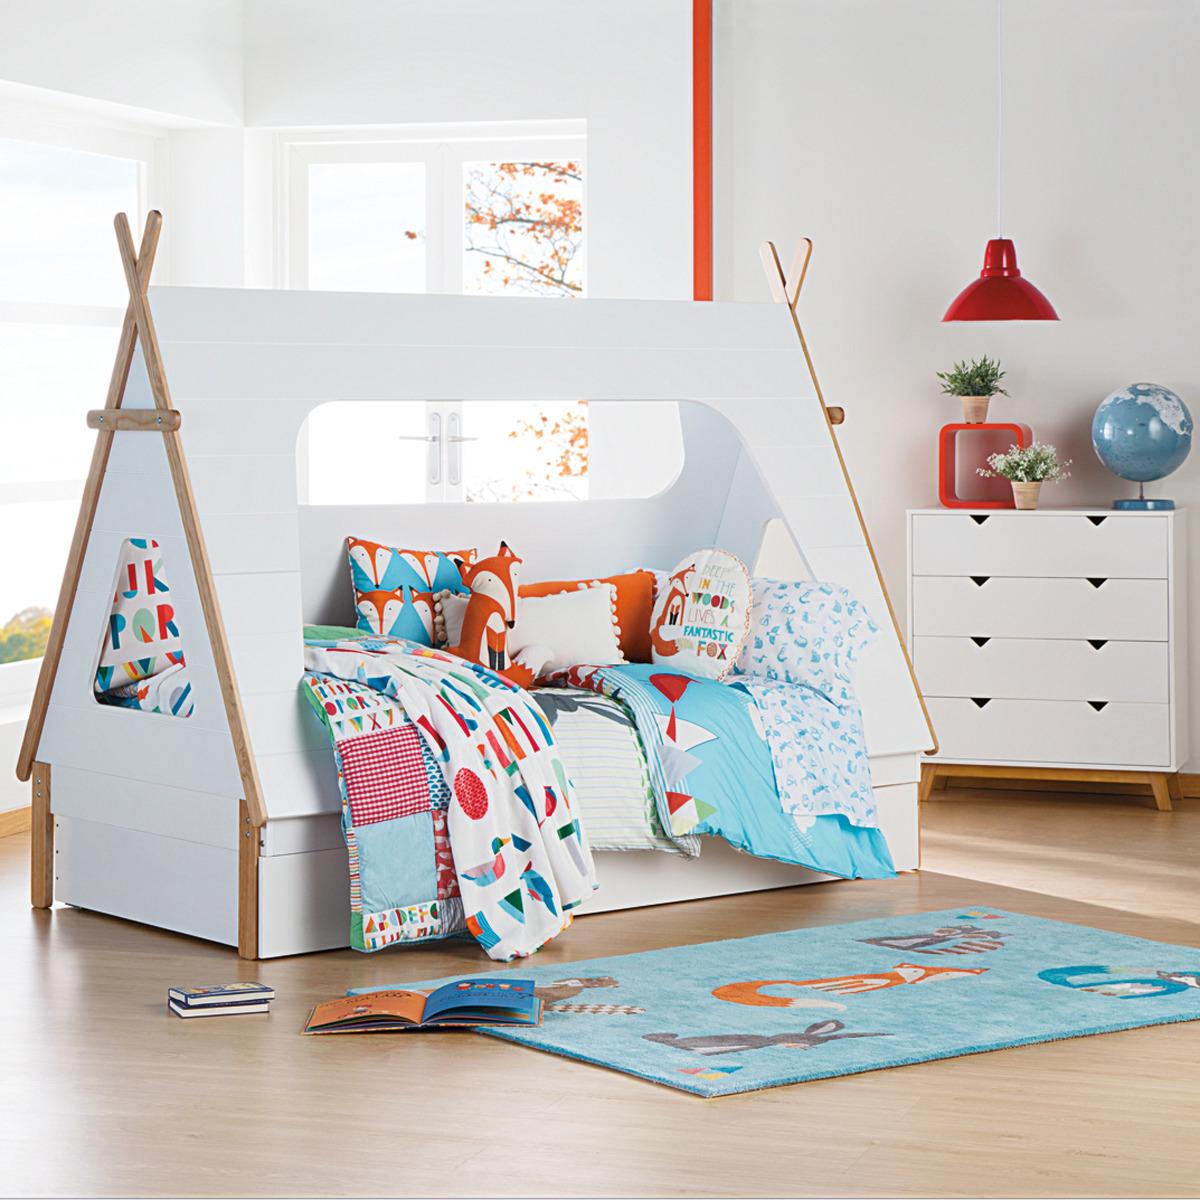 Детская комната для девочки с кроватью в виде домика